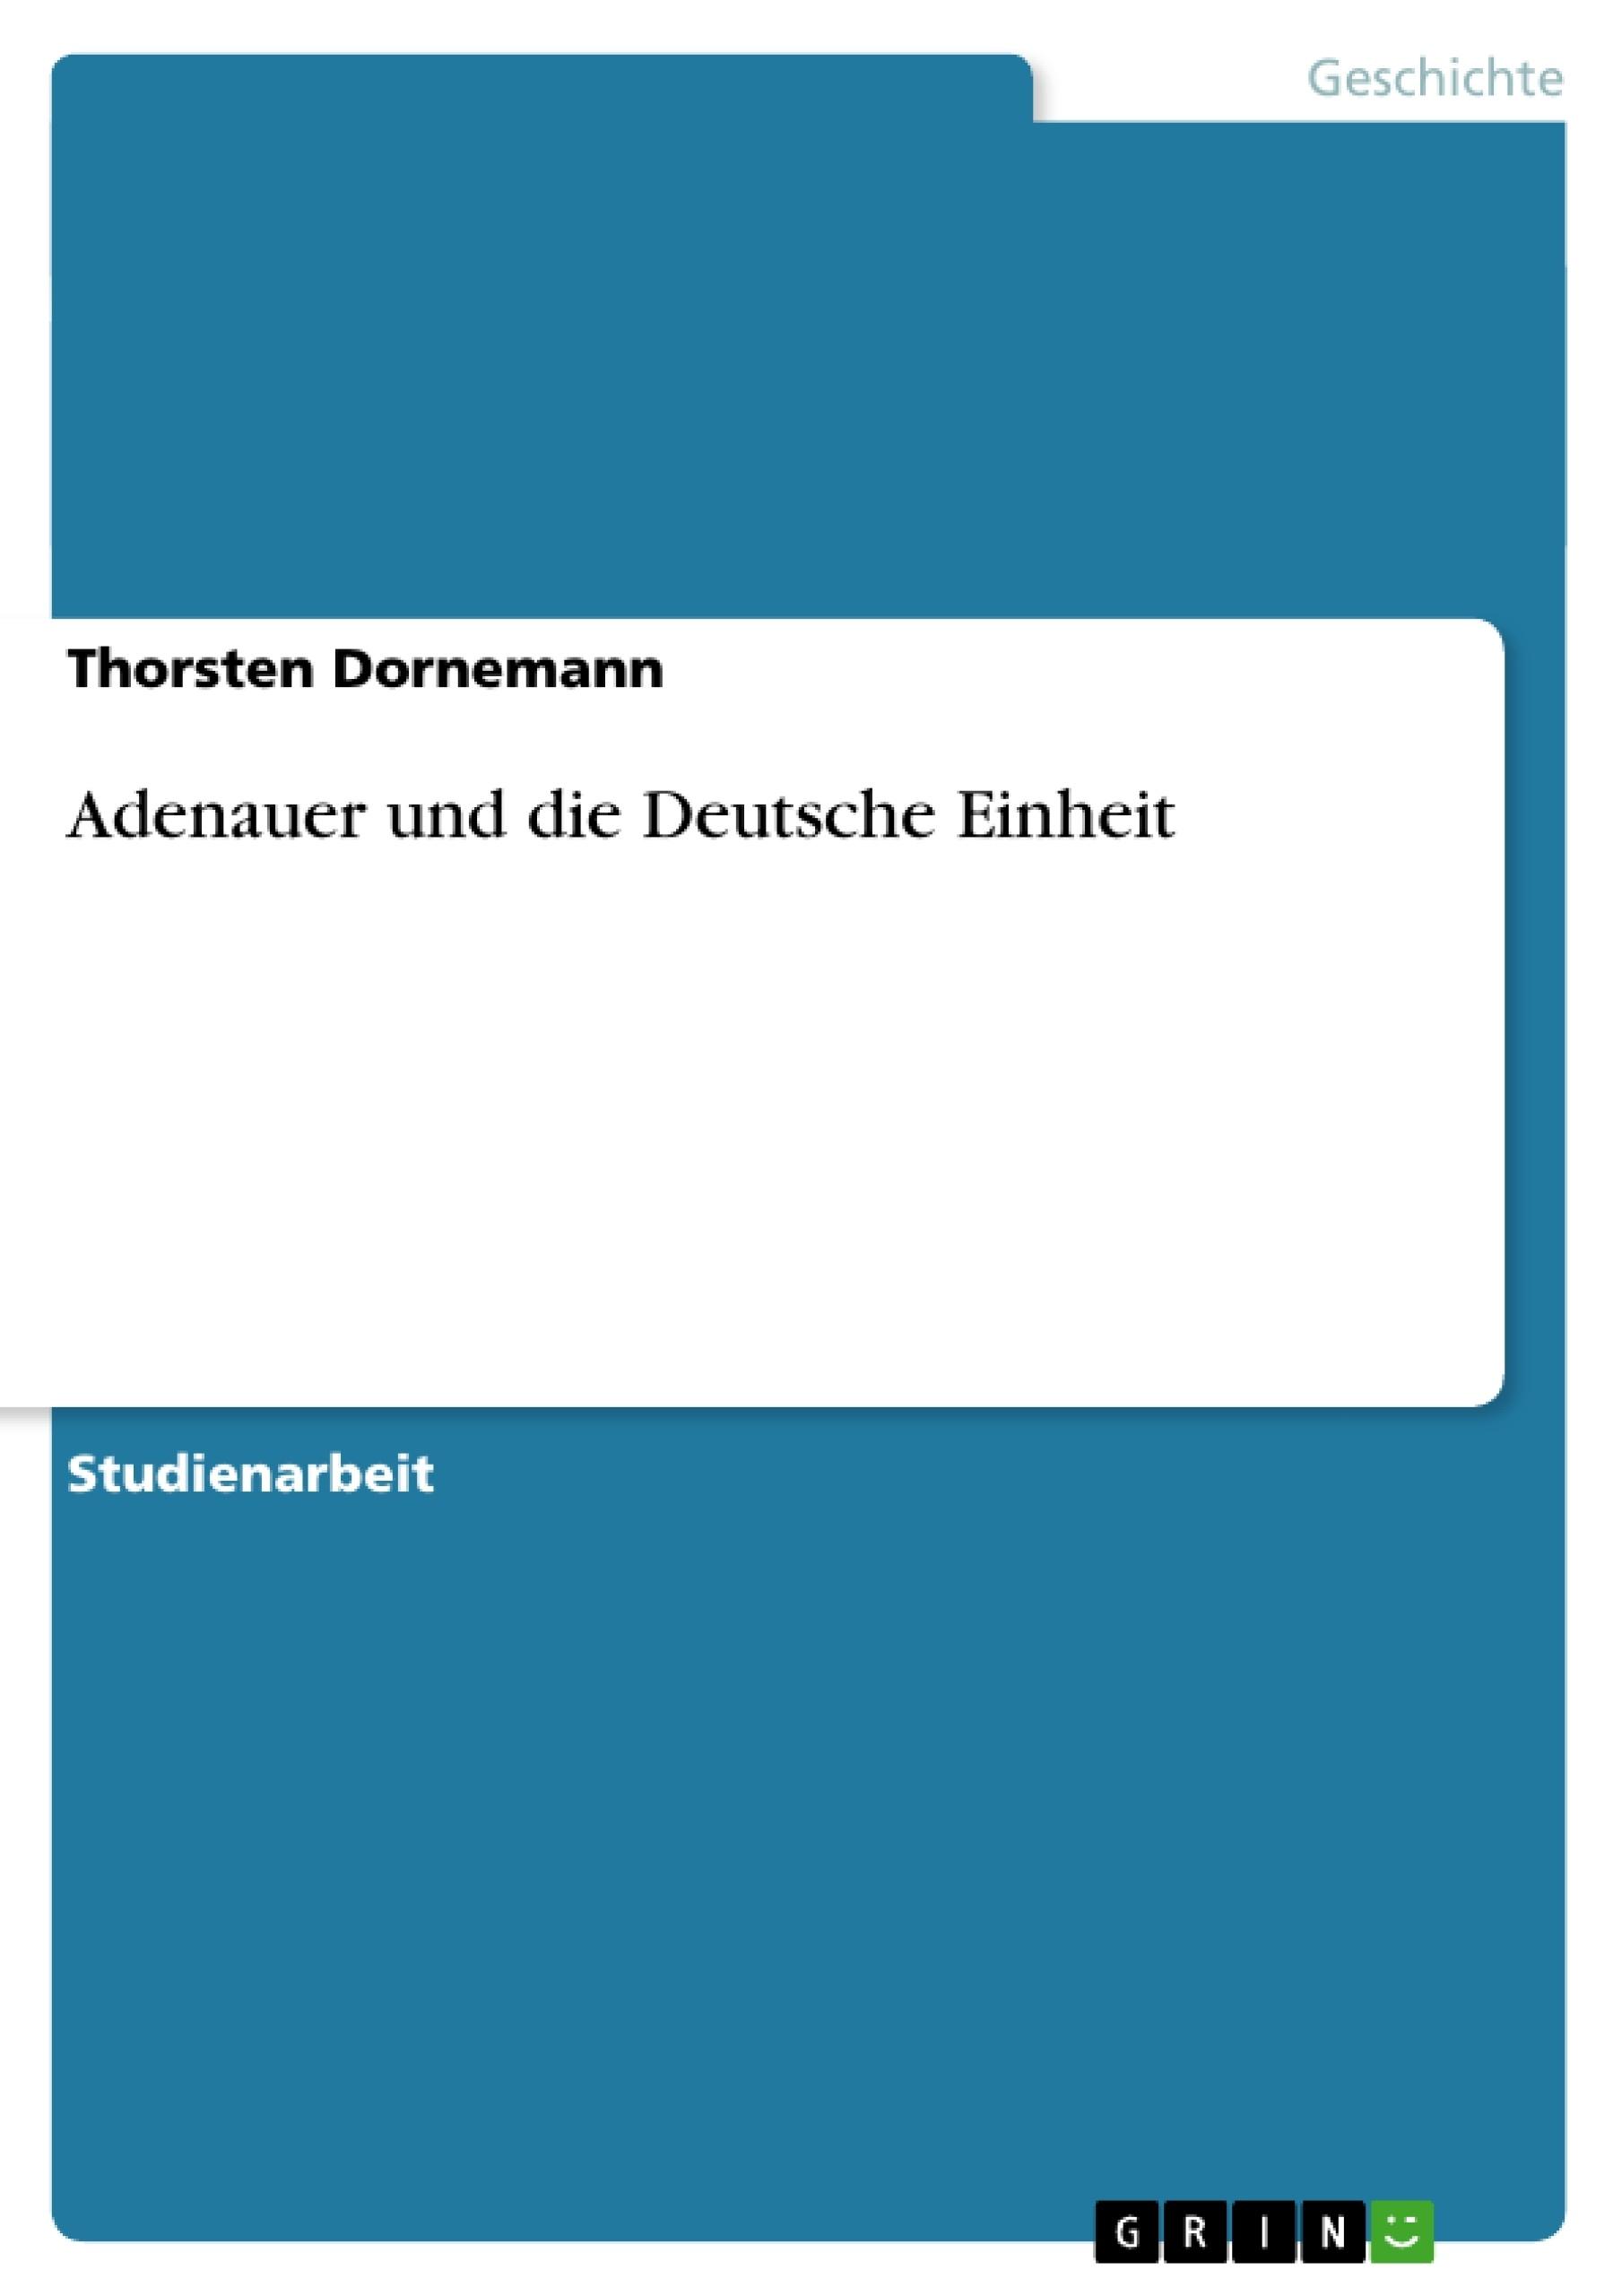 Titel: Adenauer und die Deutsche Einheit